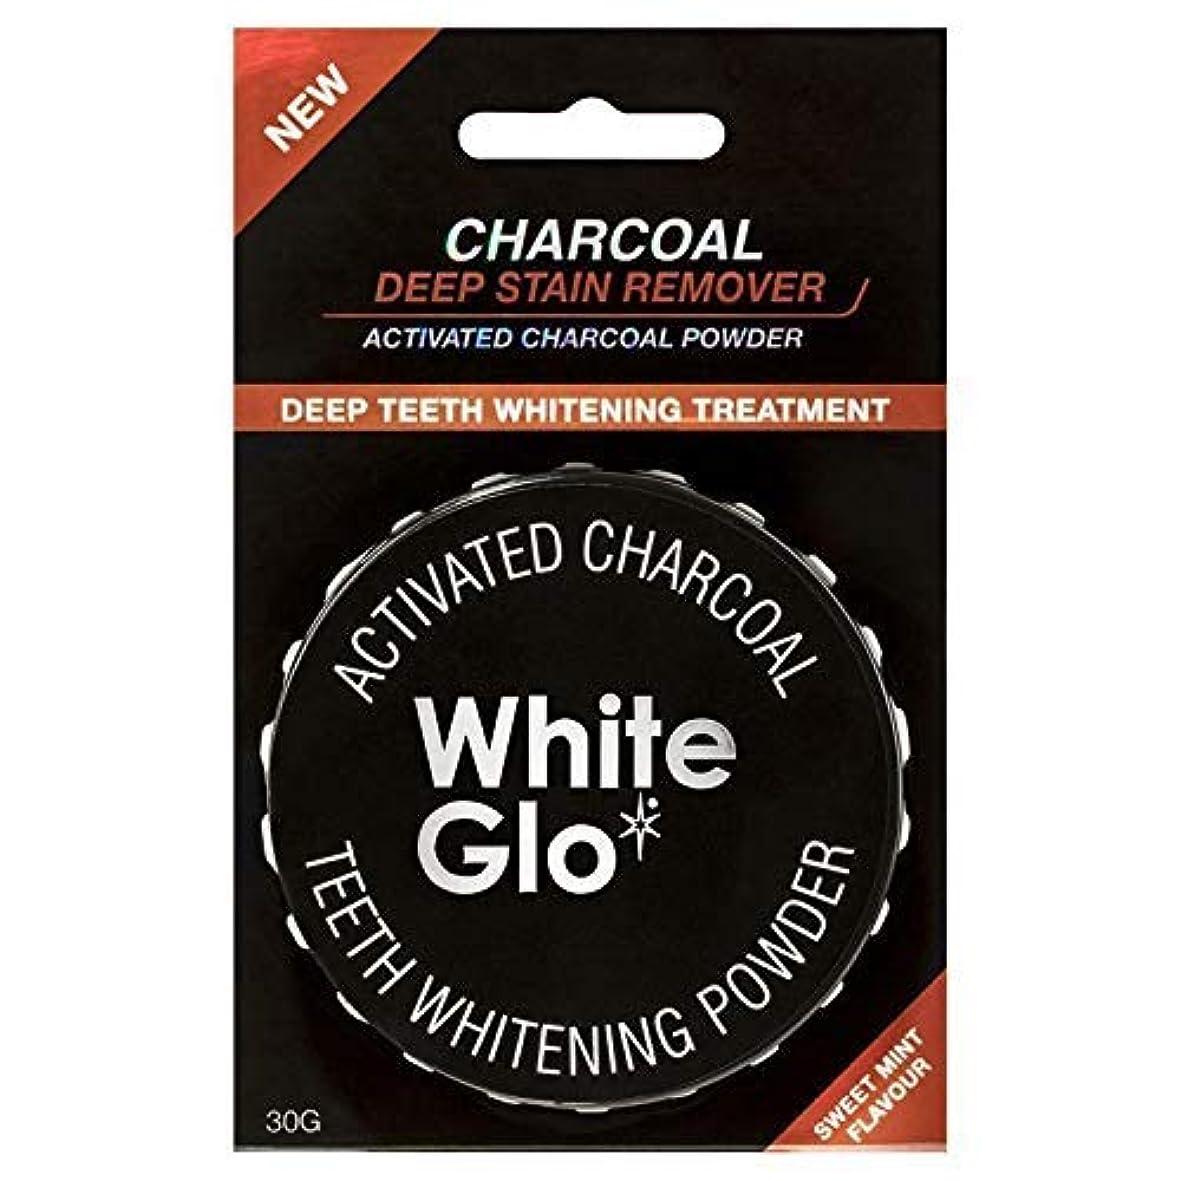 担当者大胆現在Teeth Whitening Systems White Glo Activated Charcoal Teeth Whitening Powder 30g Australia / システムを白くする歯を白くする歯の粉...